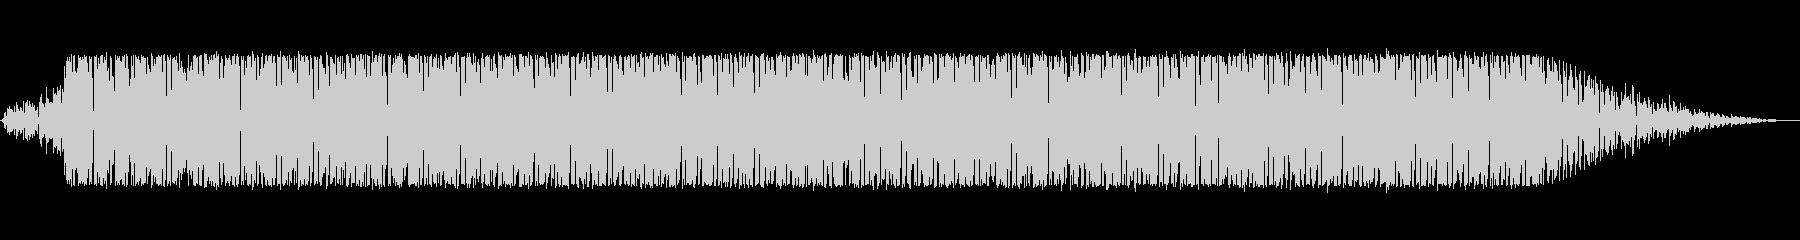 ブレイクビーツ風のフュージョンの未再生の波形